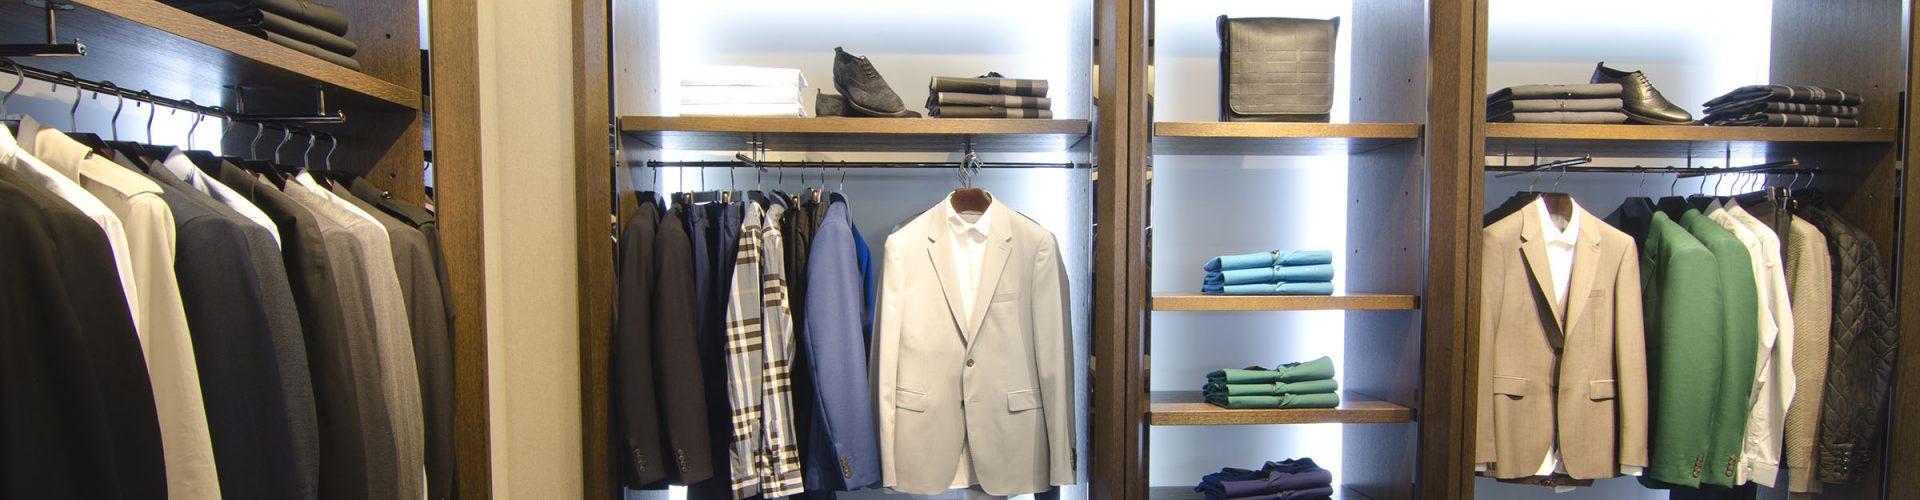 Inside a luxury menswear store